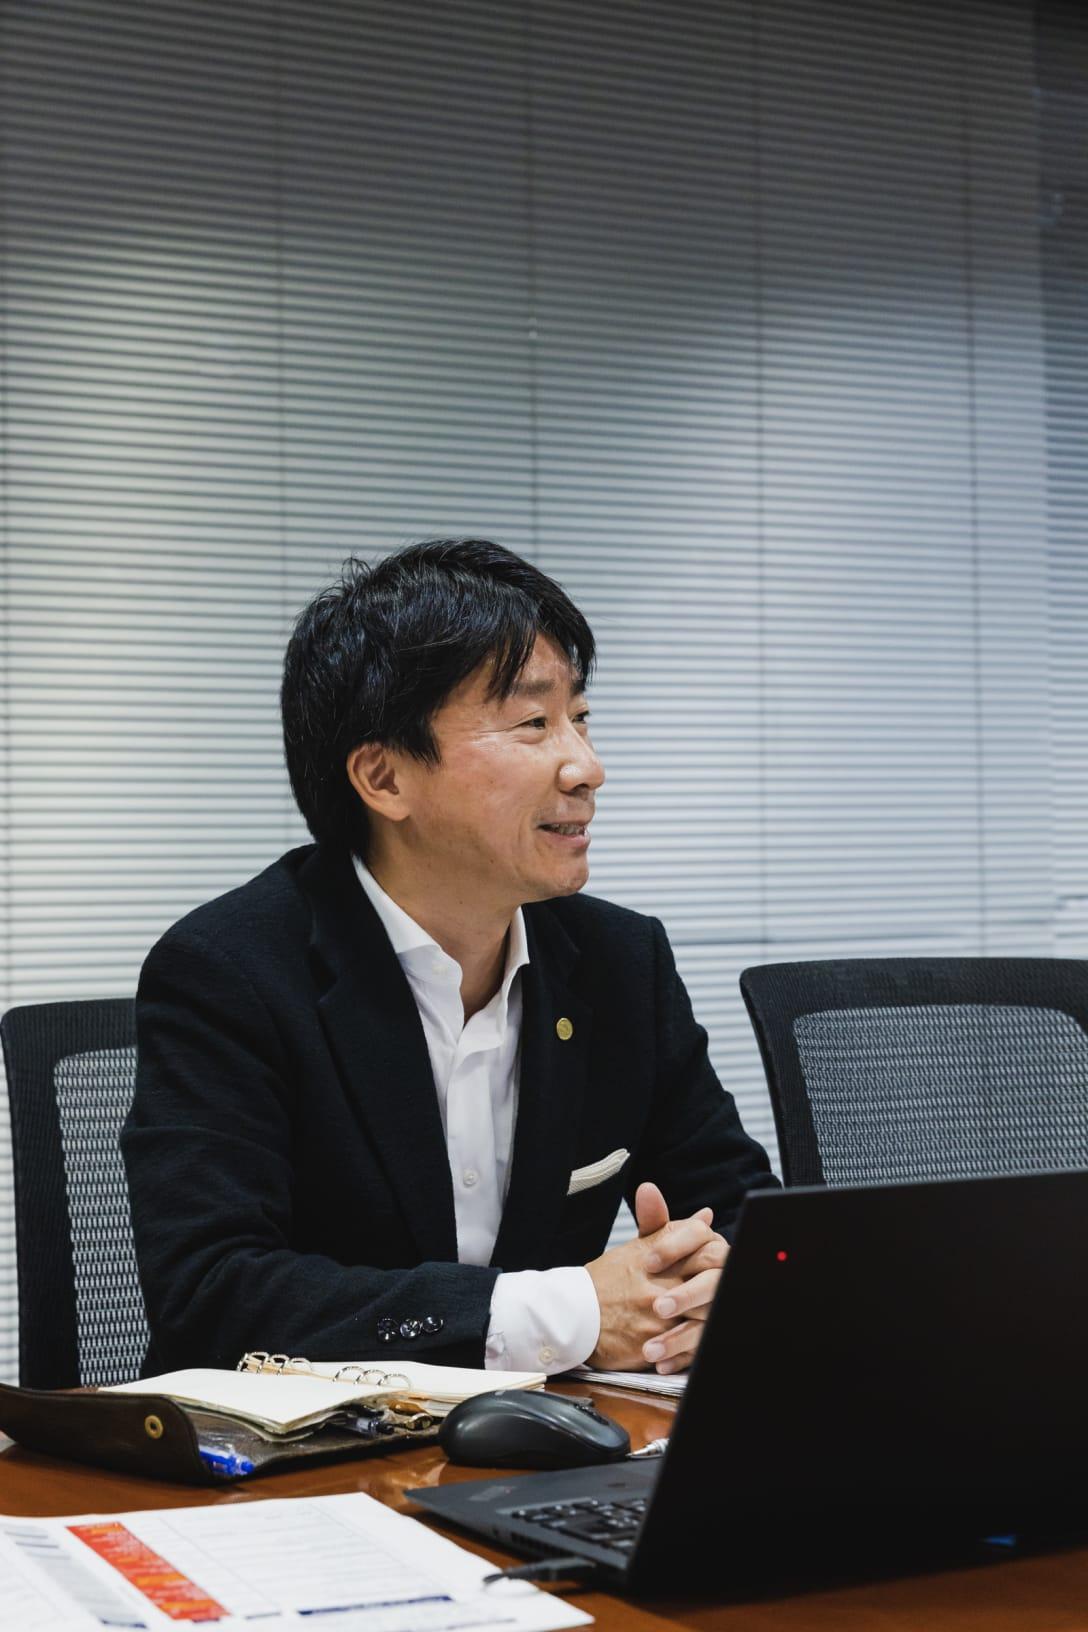 緒方道則氏 Image by FASHIONSNAP.COM